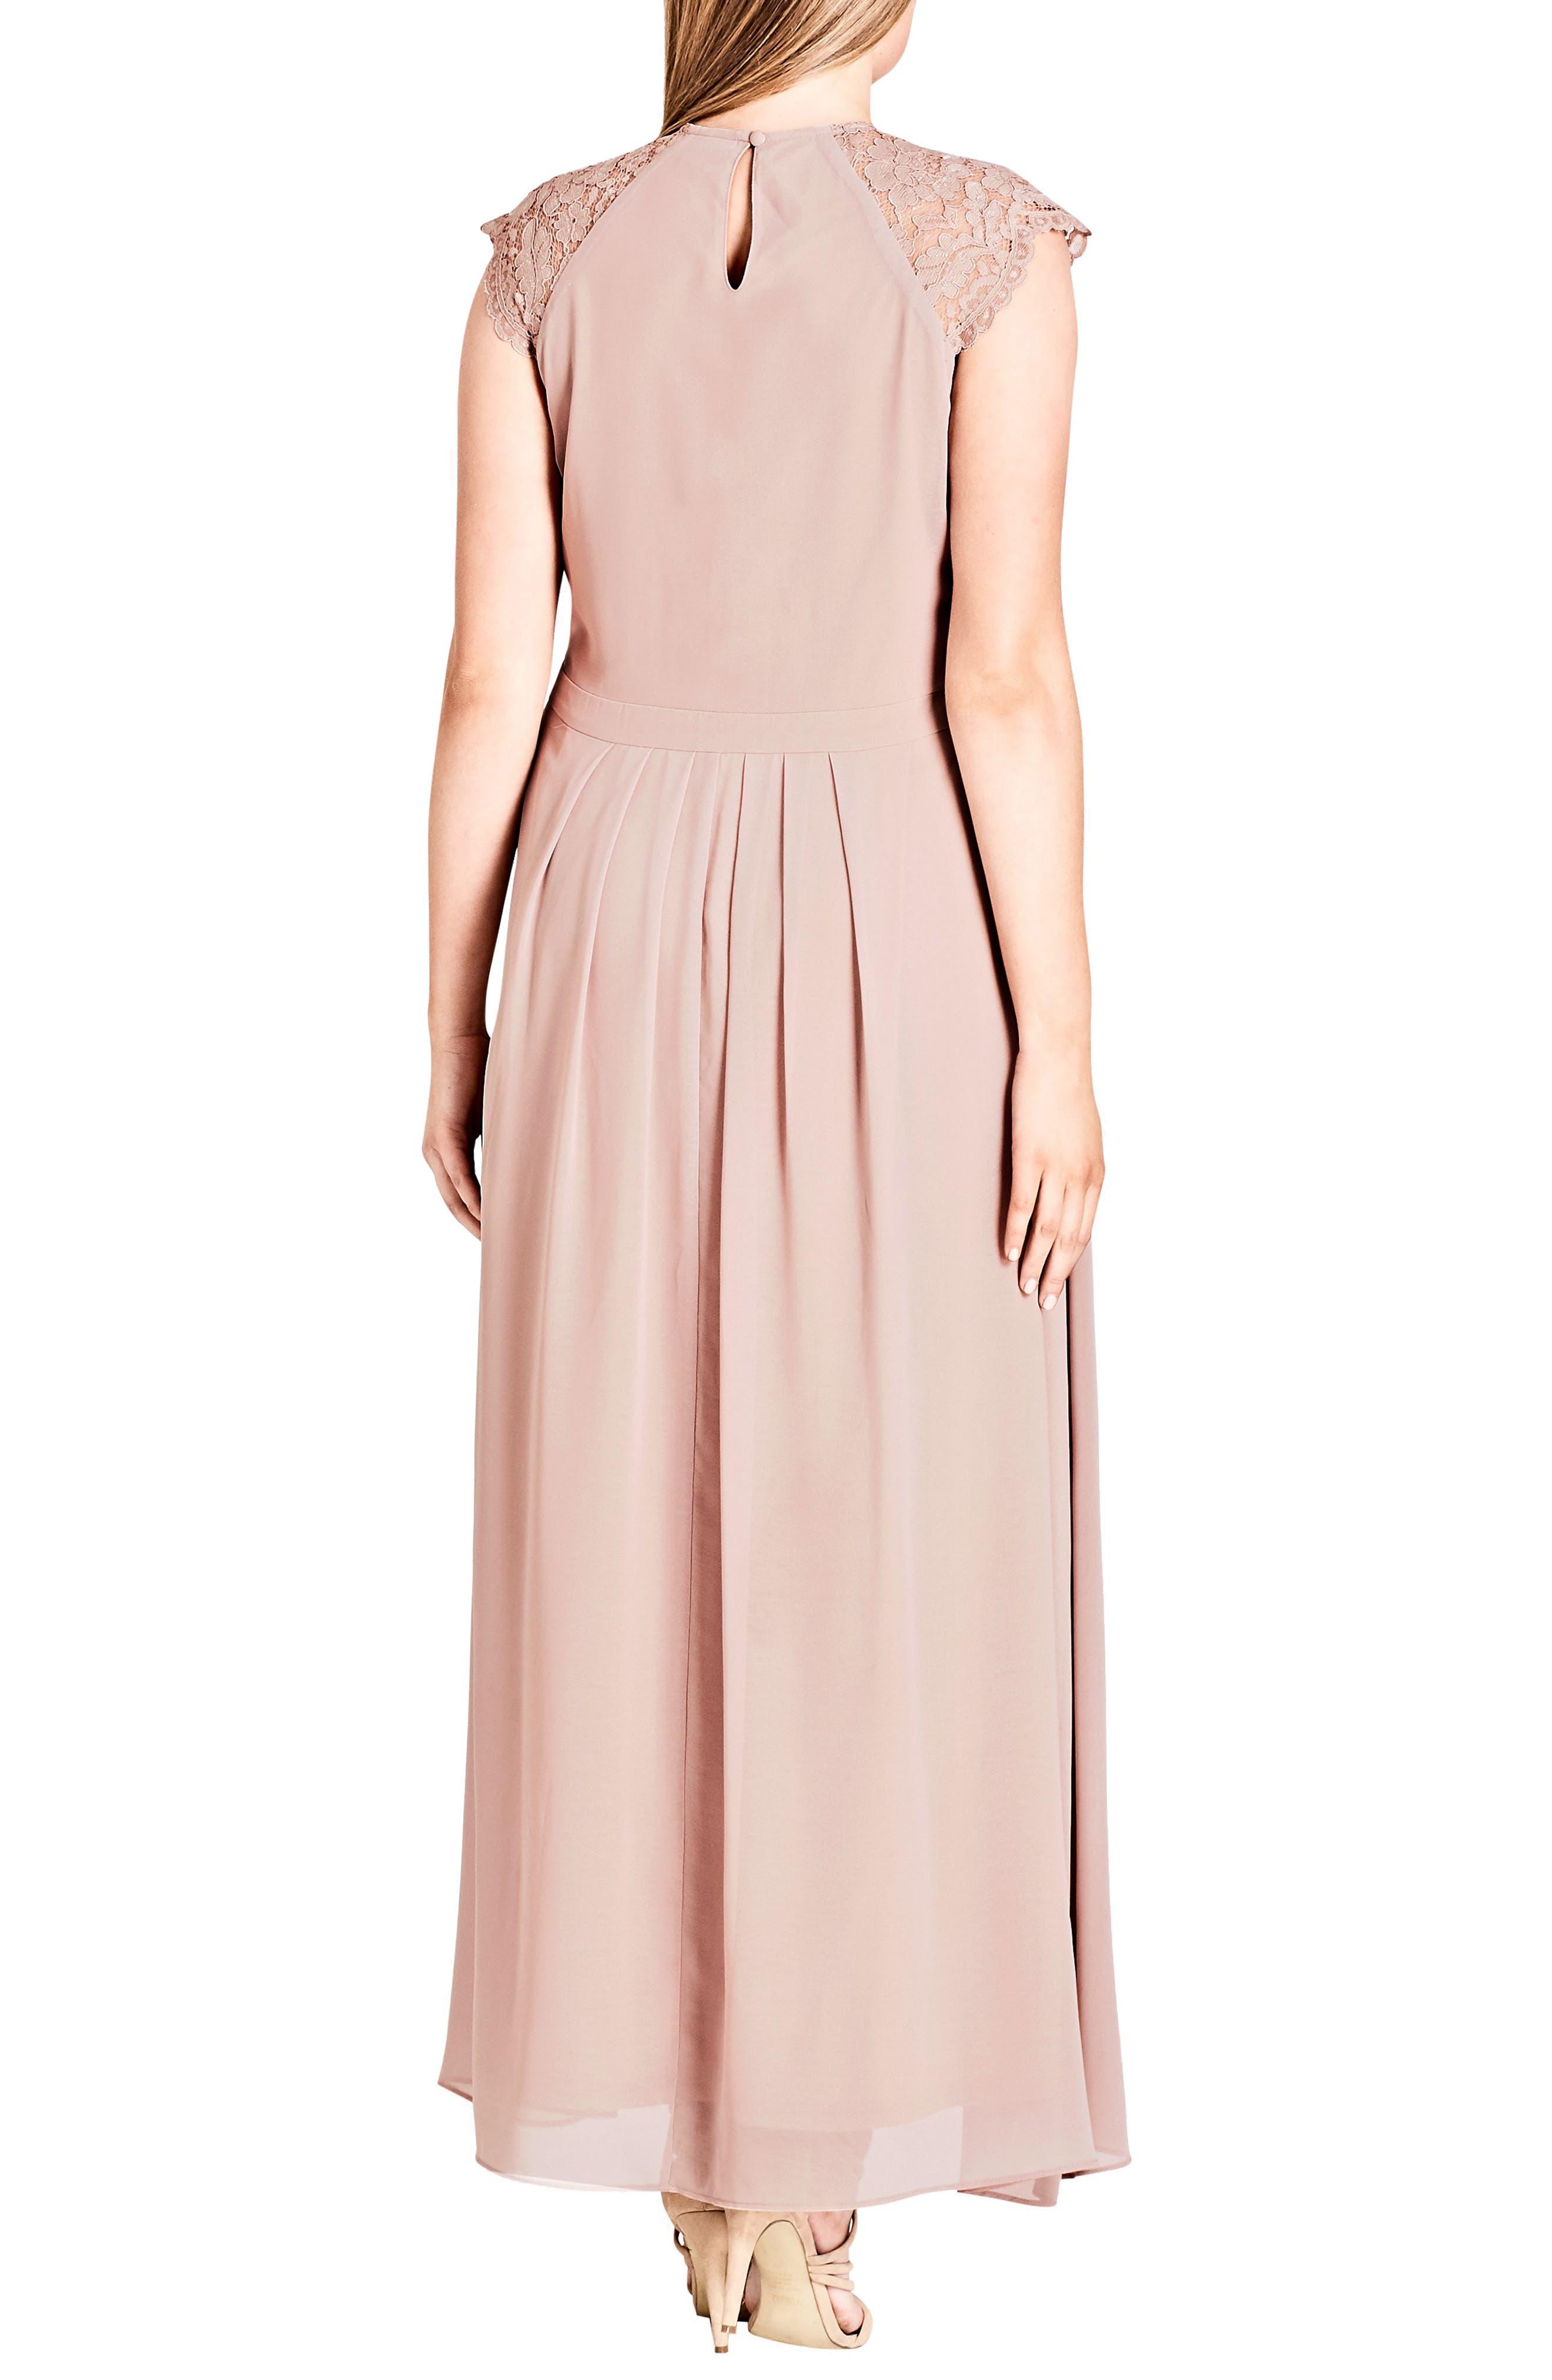 Lace Bodice Maxi Dress,                             Alternate thumbnail 3, color,                             MUSHROOM